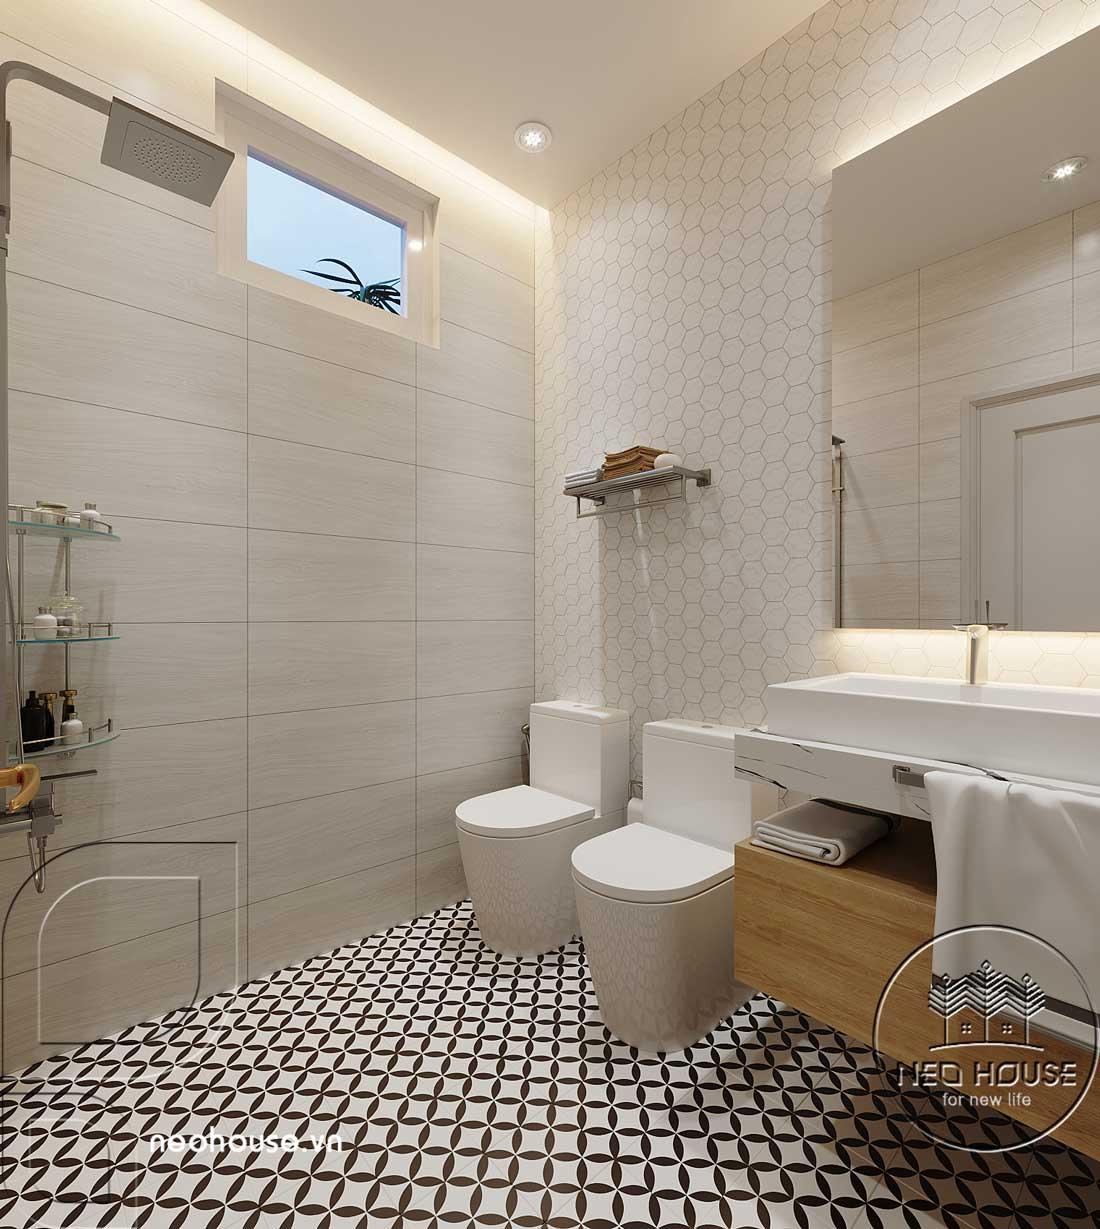 Thiết kế nội thất phòng vệ sinh biệt thự mái thái 2 tầng. Ảnh 2